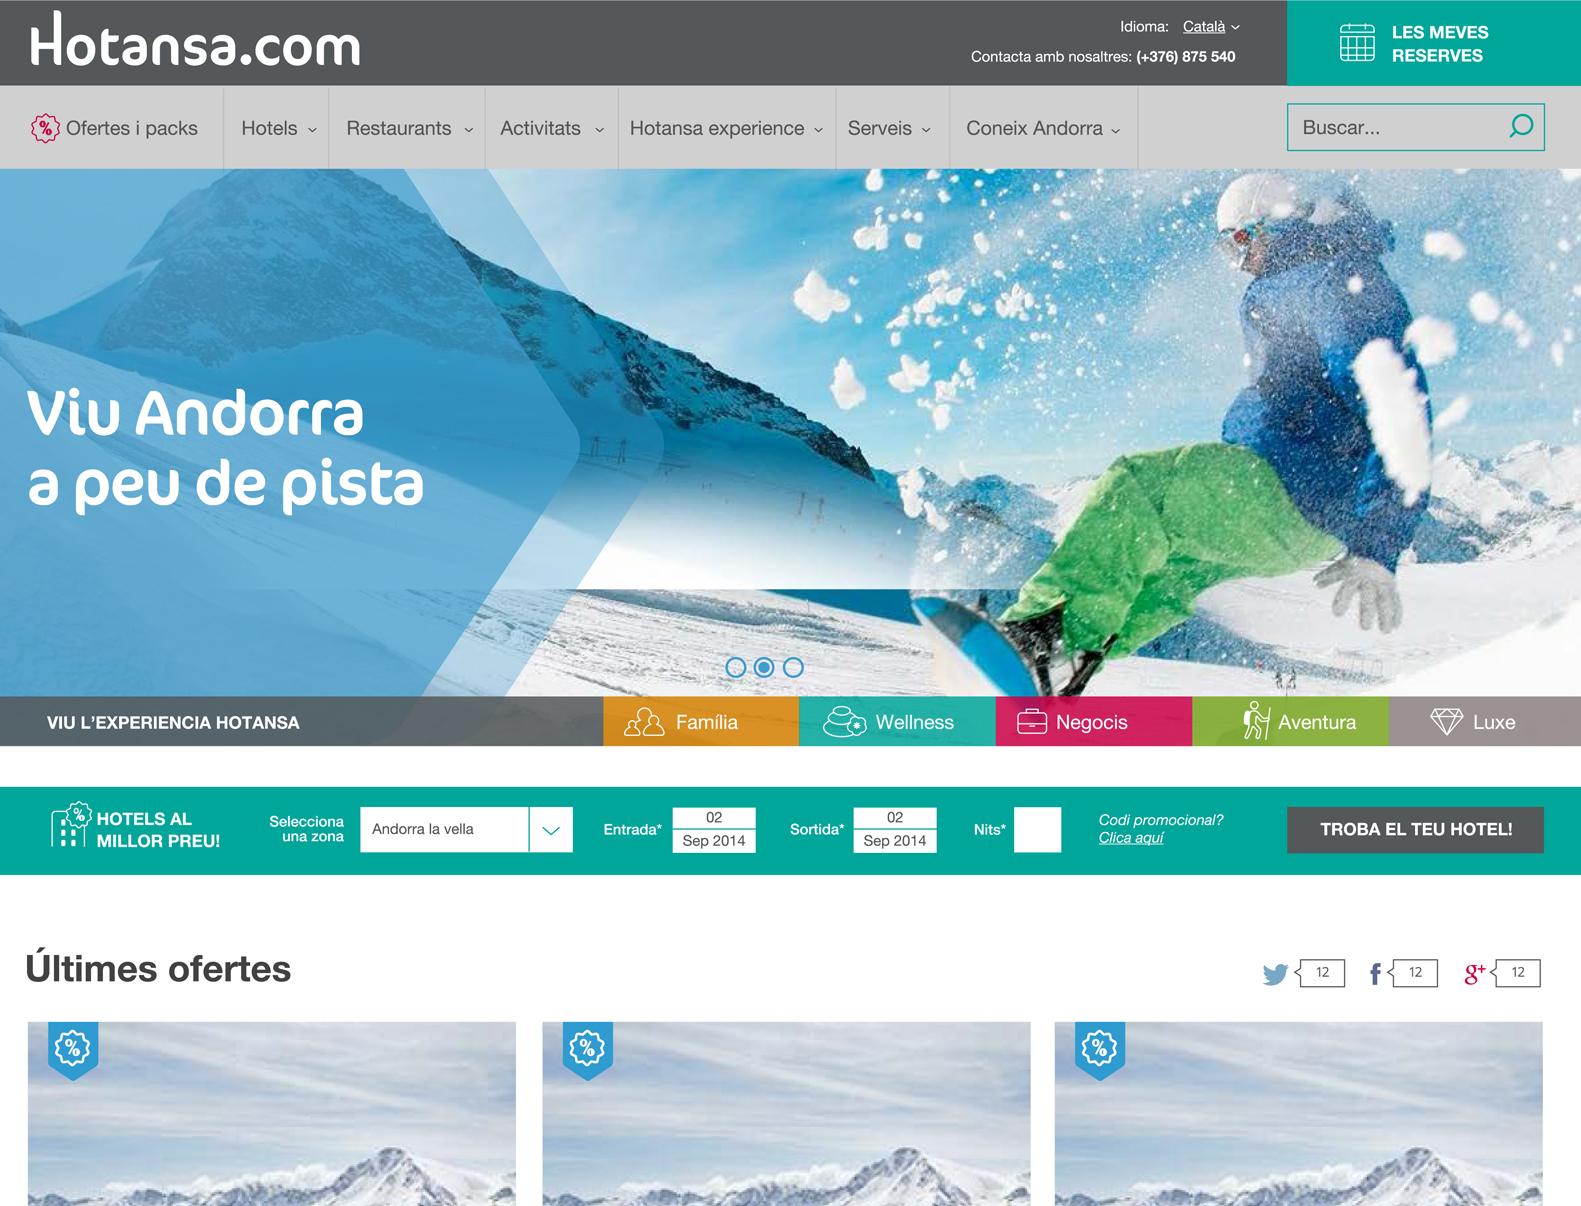 hotansa.com